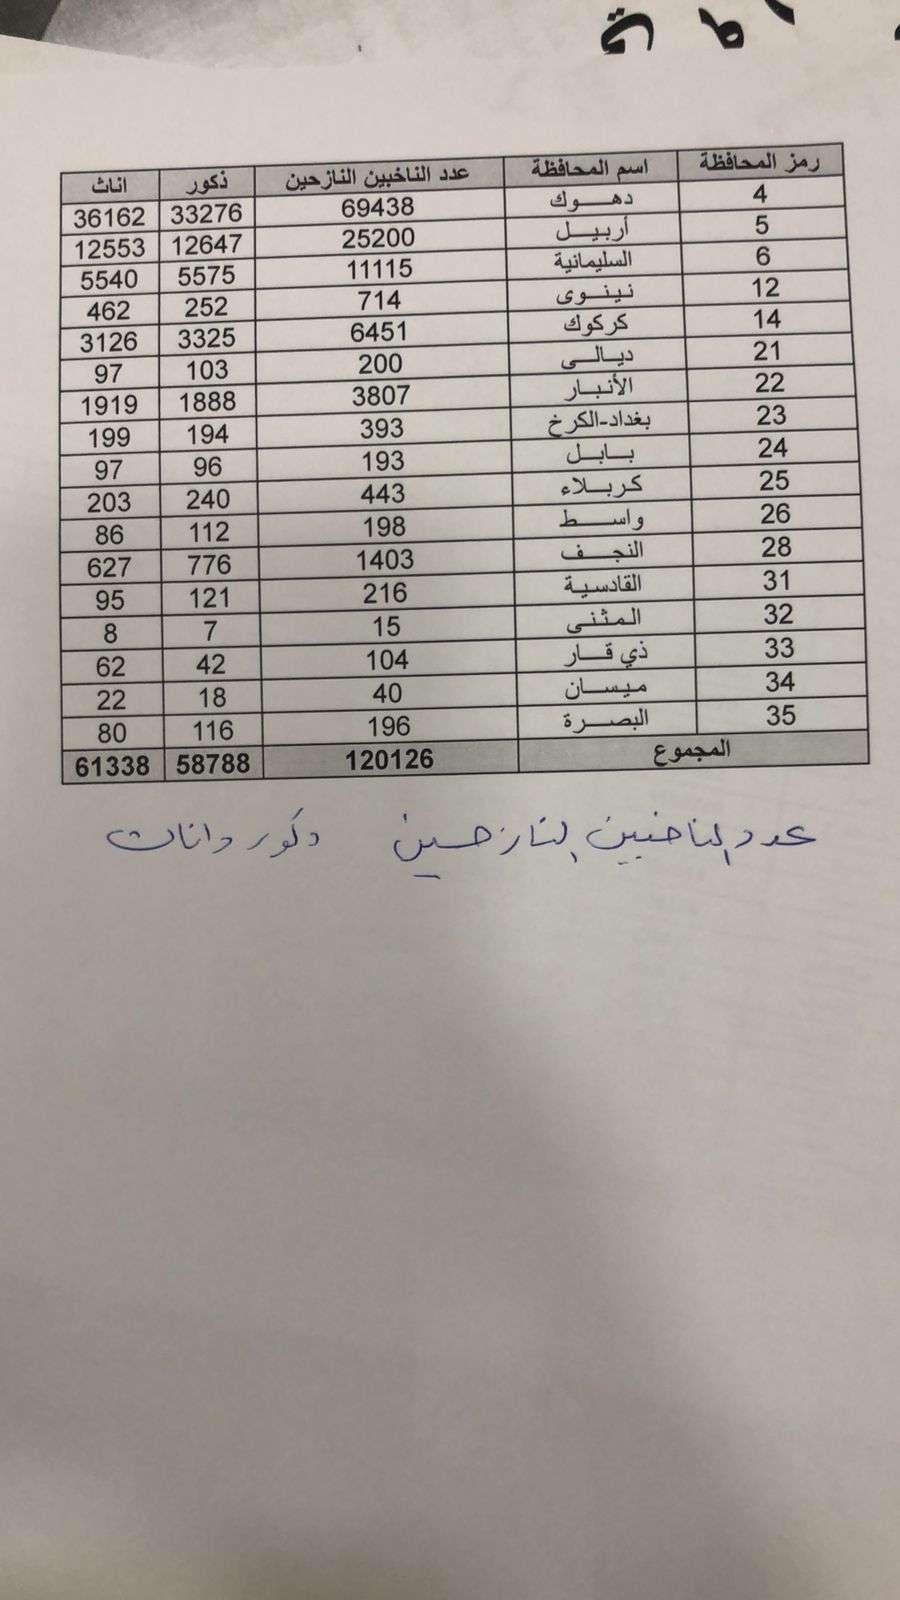 العراق.. مراكز اقتراع النازحين وأعداد المصوتين